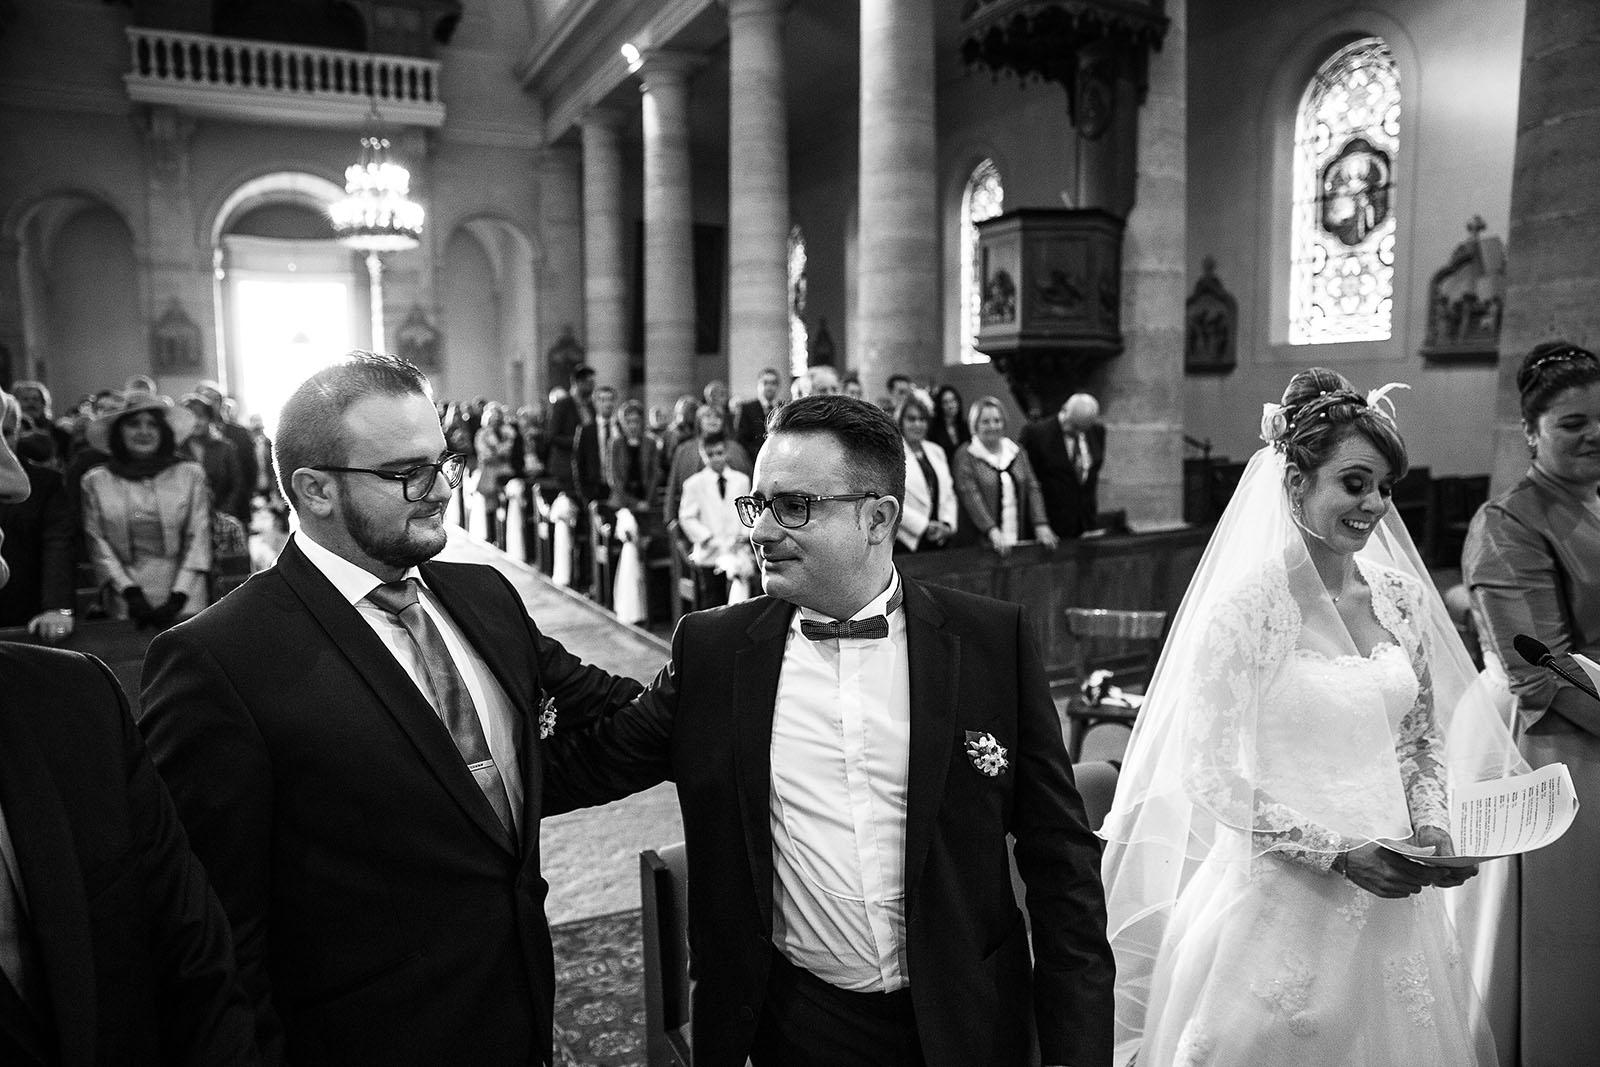 photographe de mariage chalon sur sane photo des maris en noir et blanc durant - Photographe Mariage Chalon Sur Saone